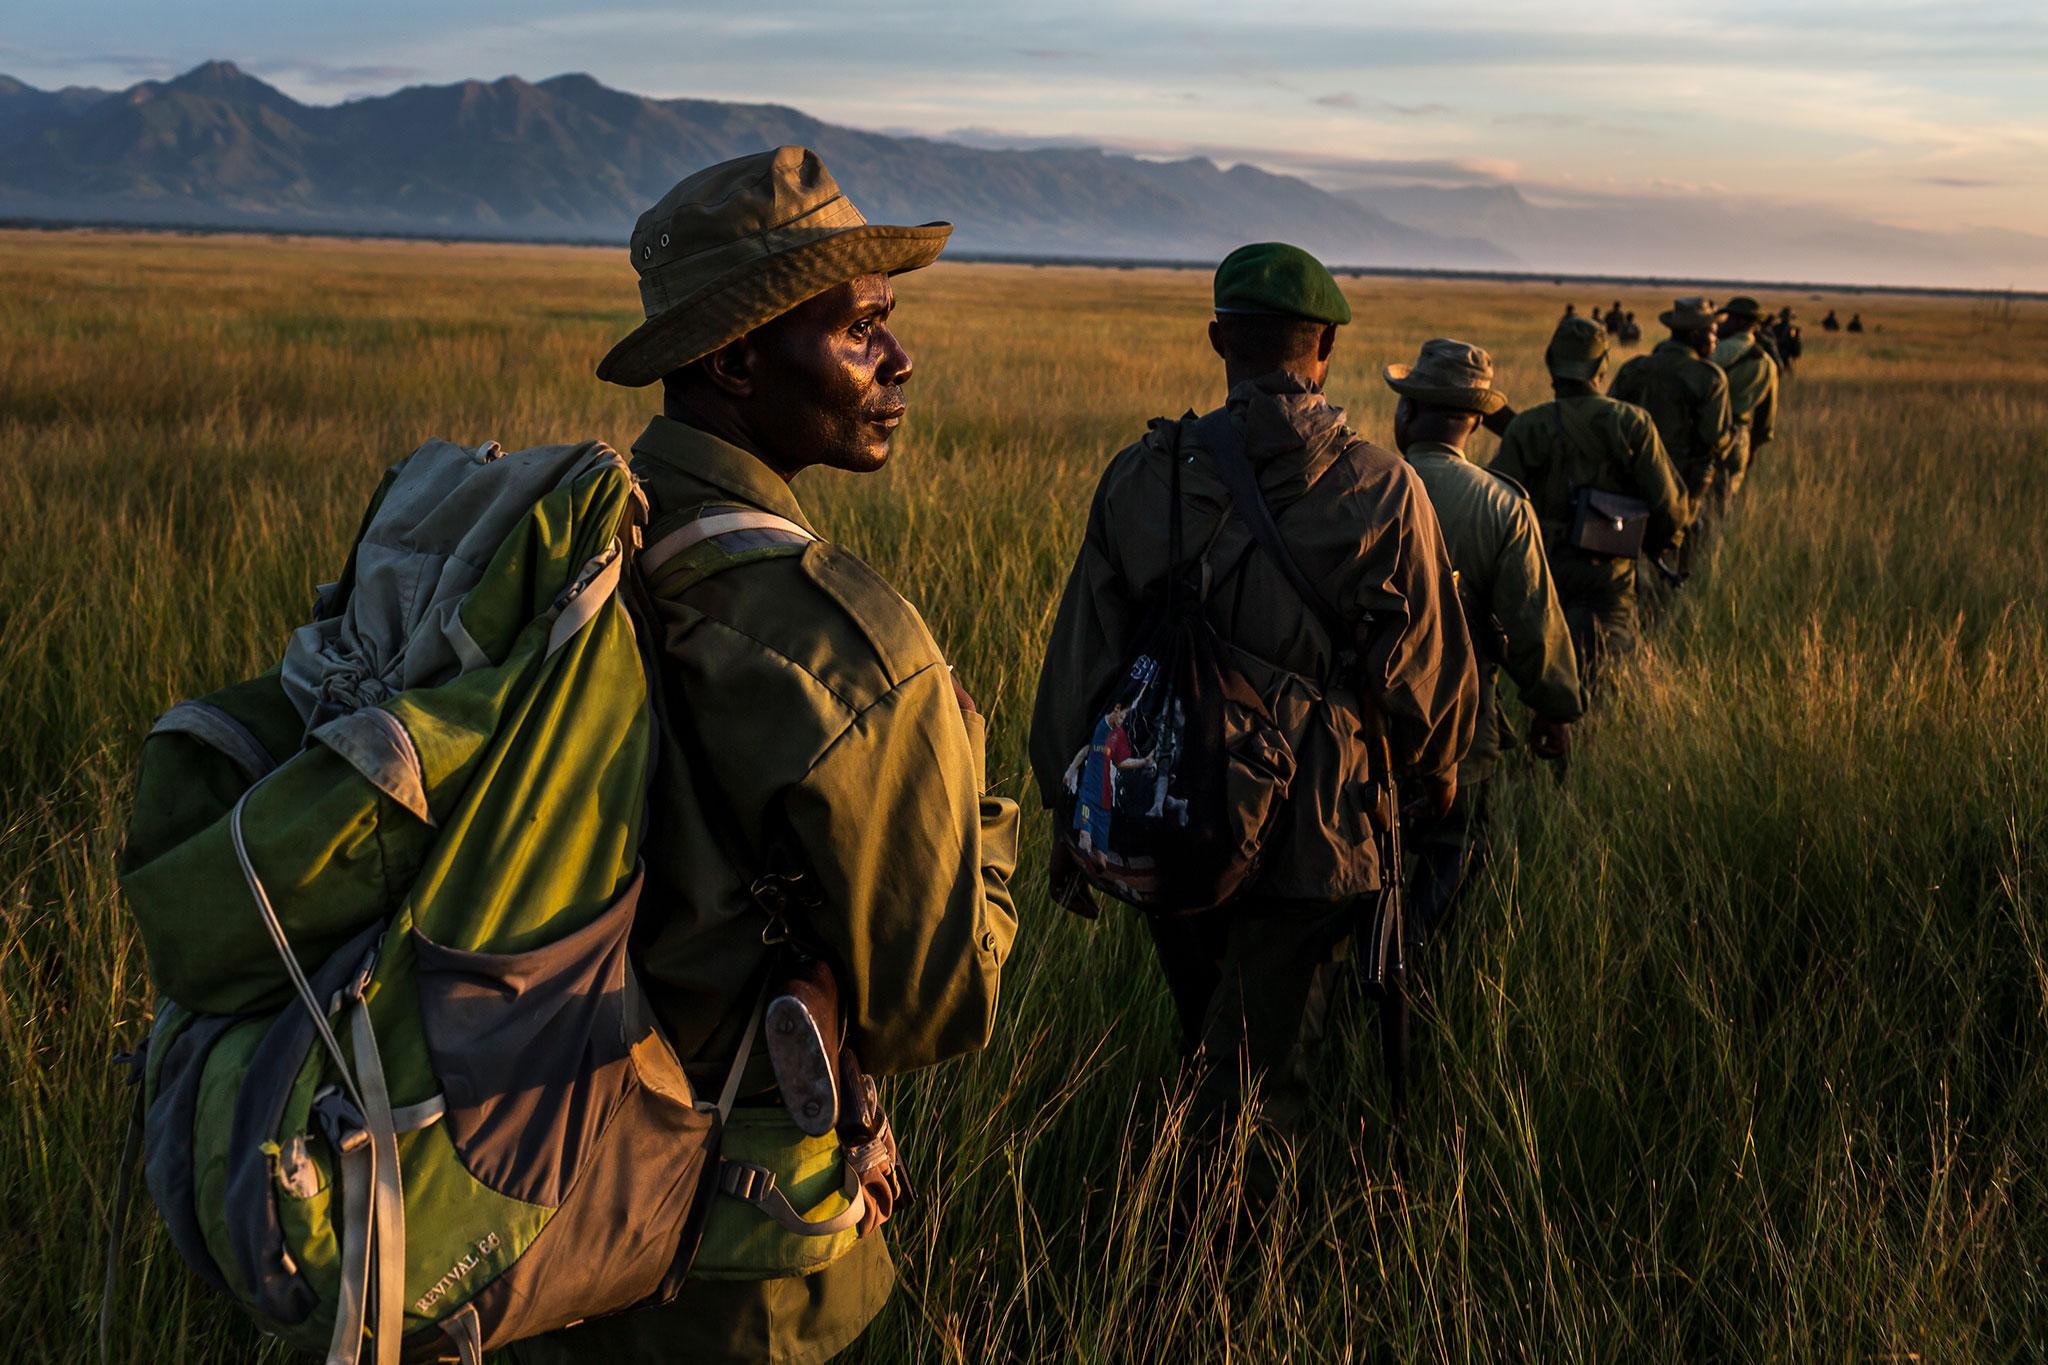 1-Virunga-Rangers-17MM8382_05-15-15_17642.jpg